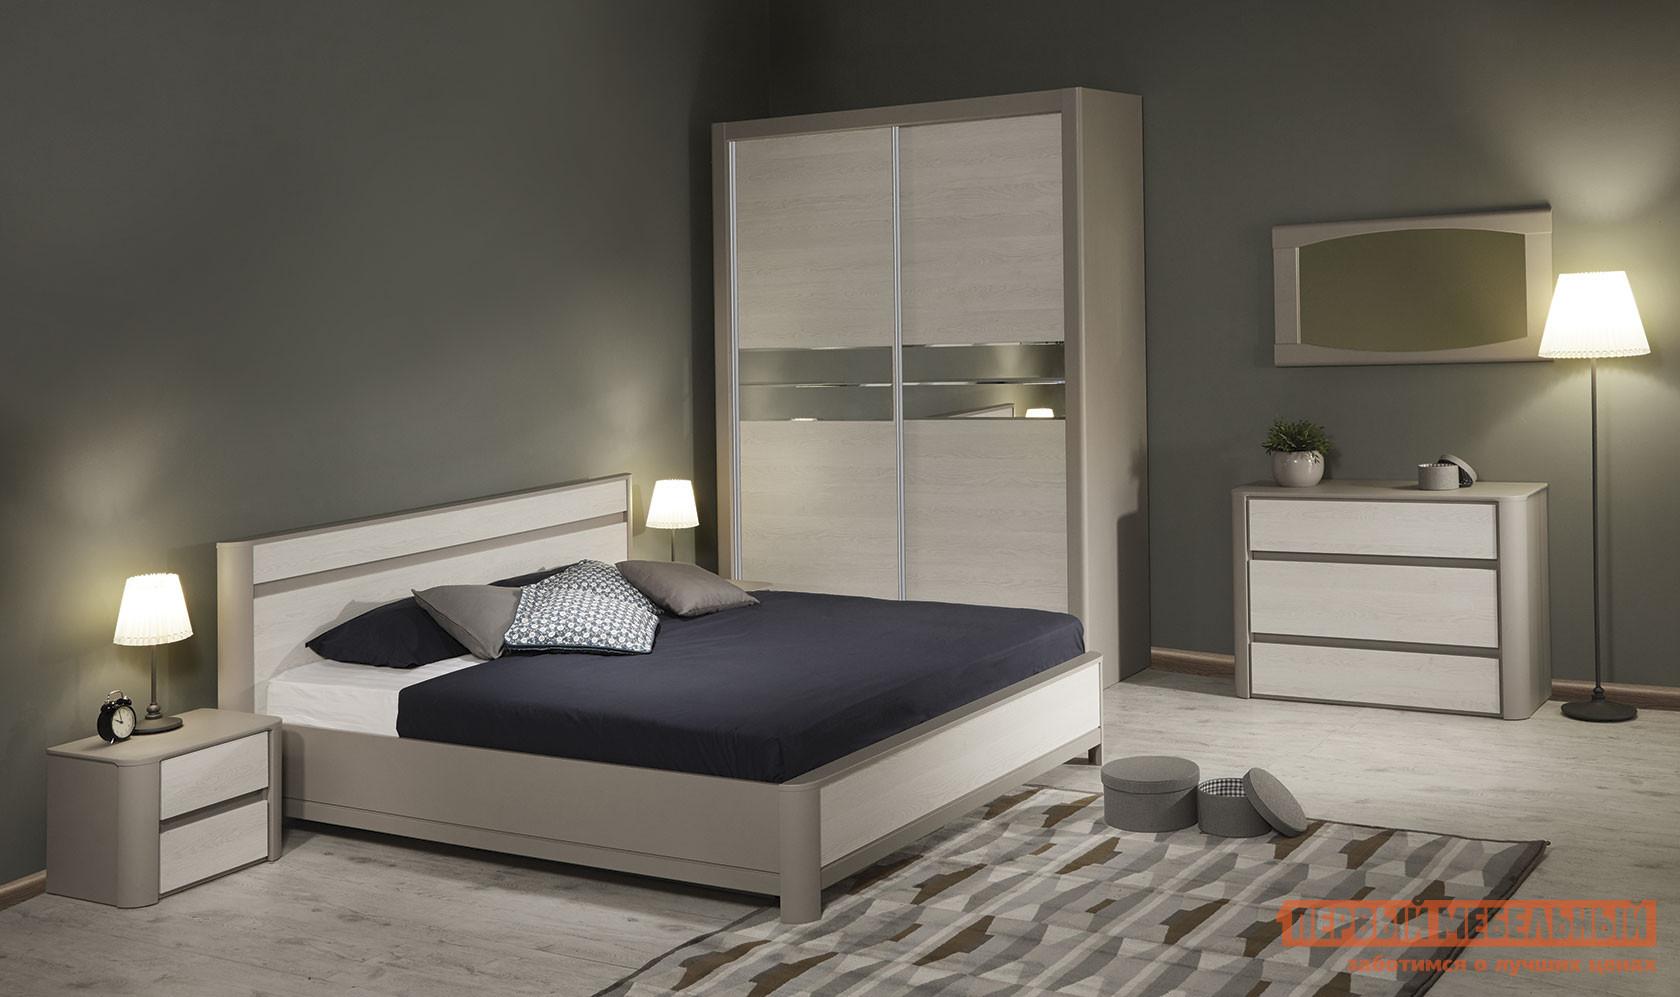 Спальный гарнитур Первый Мебельный Спальня Лацио